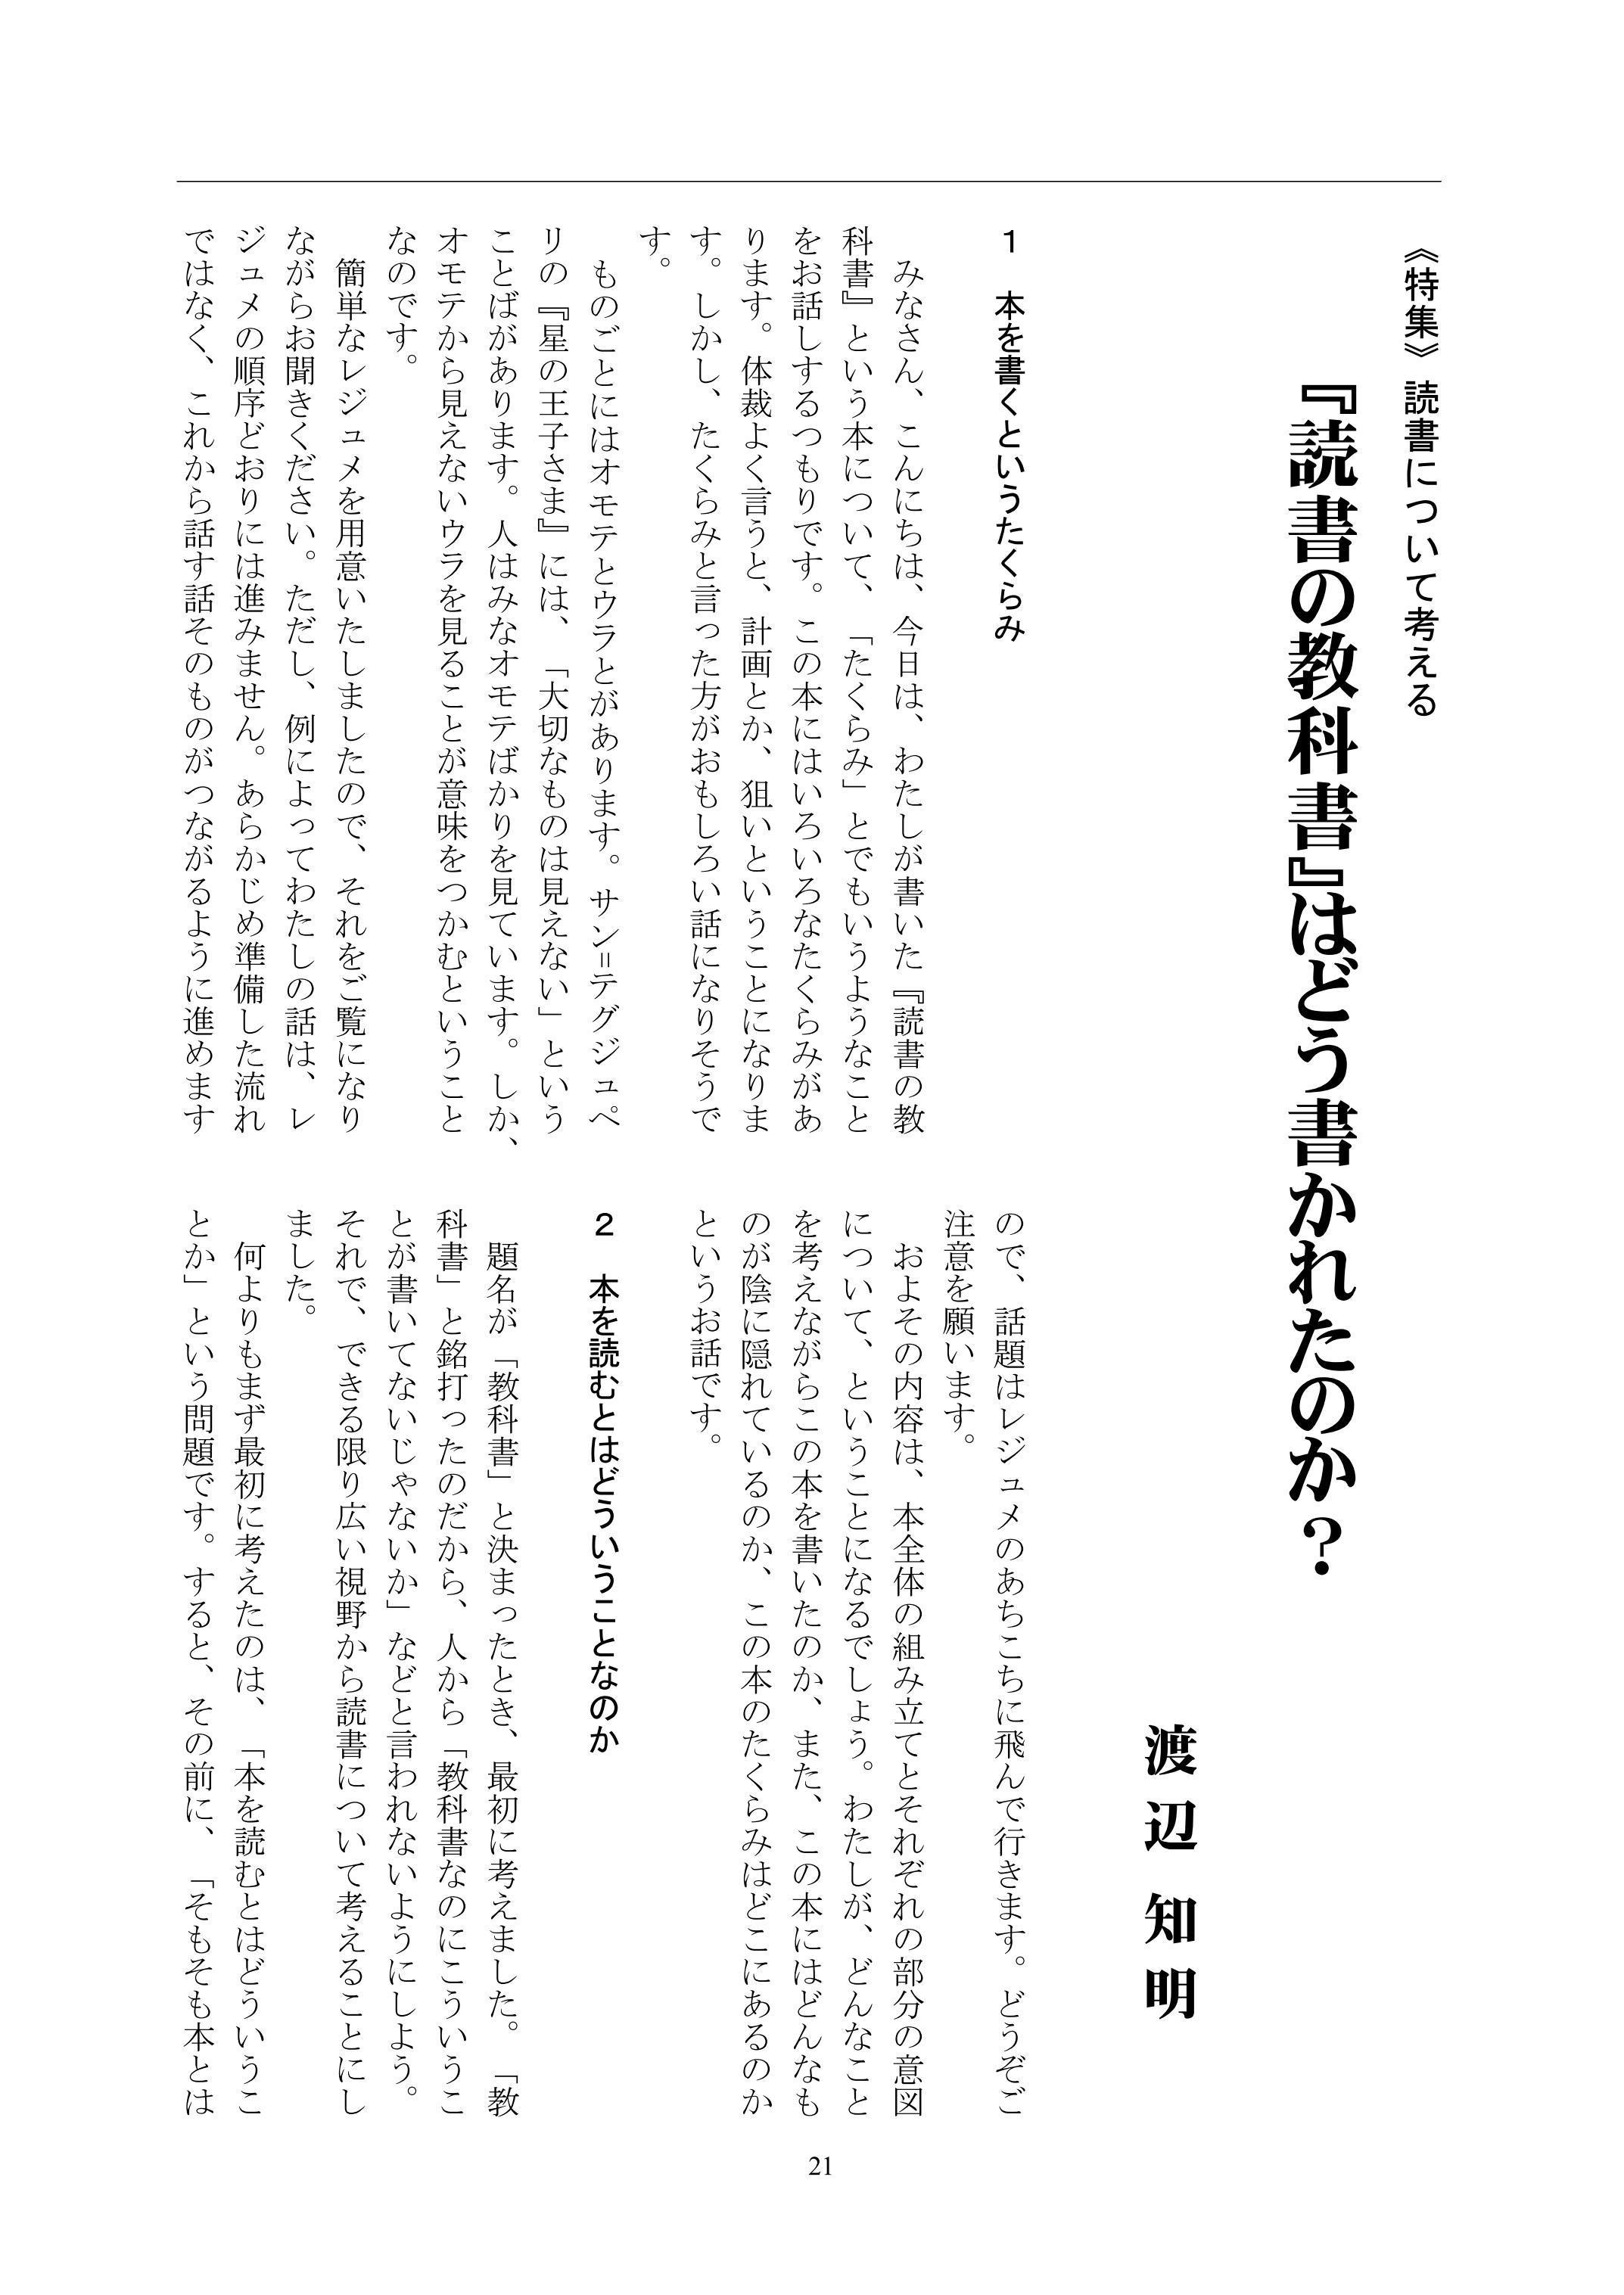 『読書の教科書』の解説=『日本のコトバ』38号_c0068979_22325271.jpg